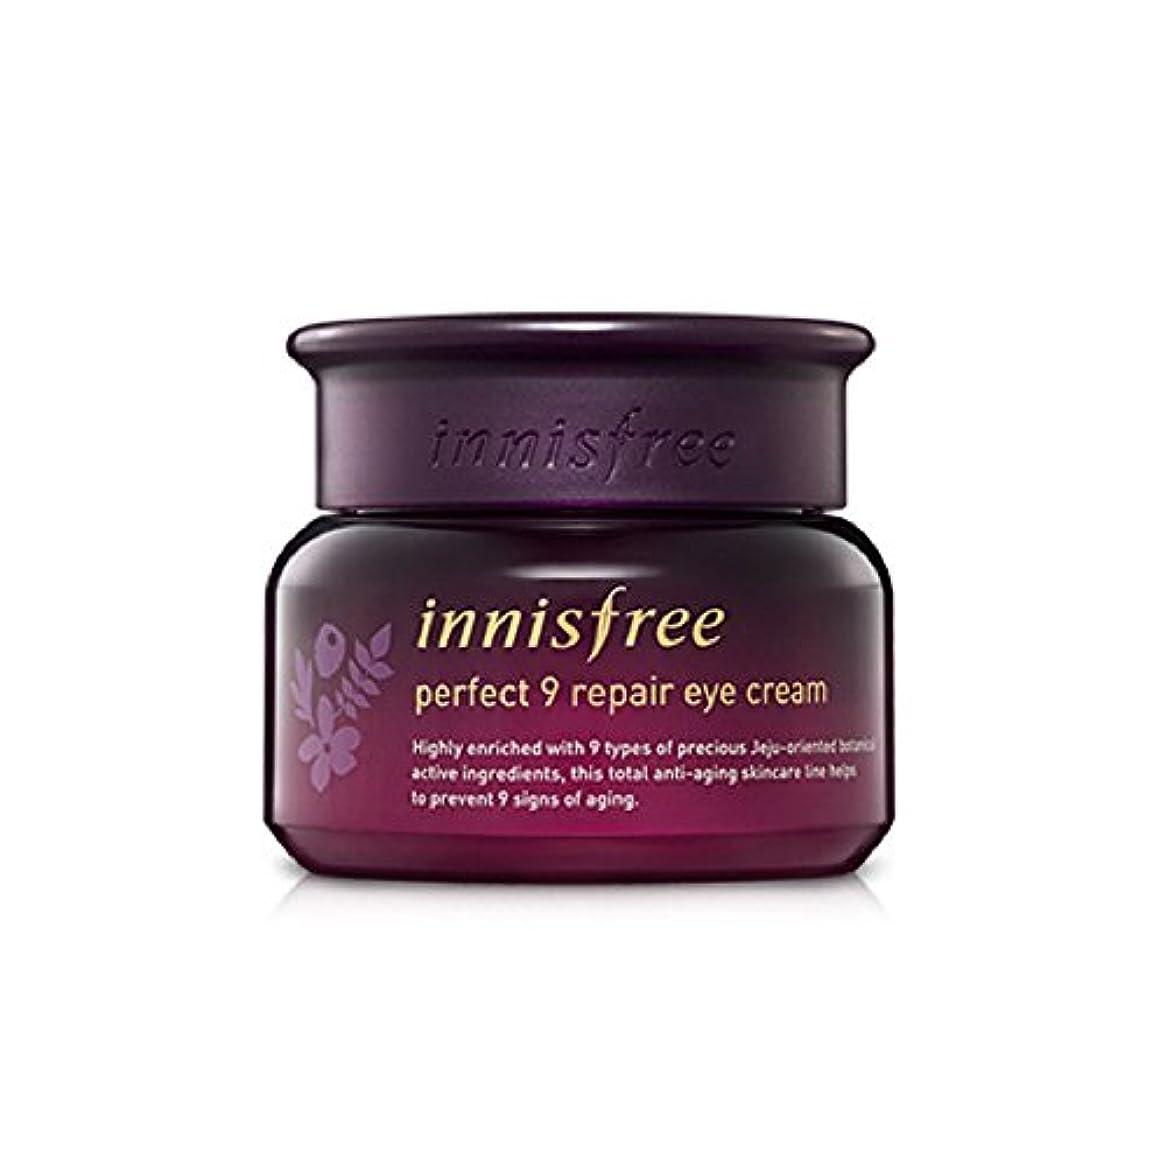 ナチュラル飲料否認するイニスフリー Innisfree パーフェクト9 リペアアイクリーム(30ml) Innisfree Perfect 9 Repair Eye Cream(30ml) [海外直送品]